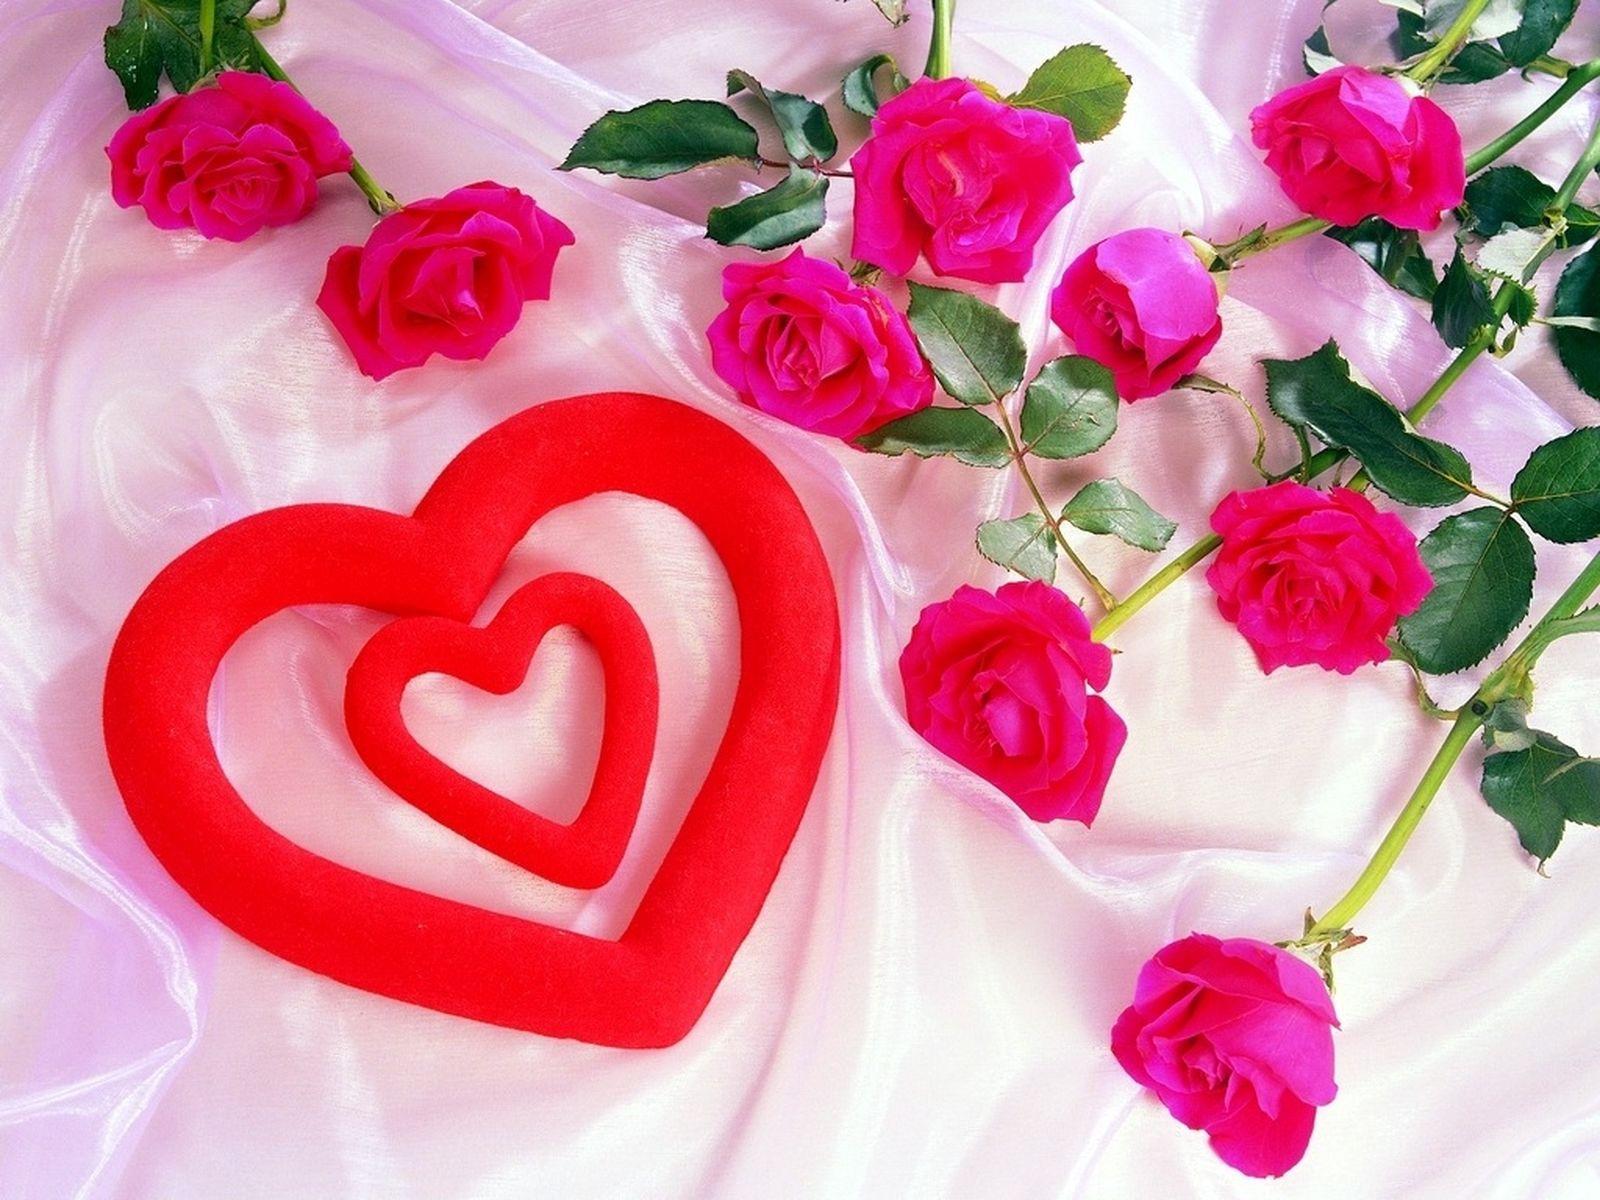 love flowers wallpapers,heart,pink,flower,garden roses,artificial flower